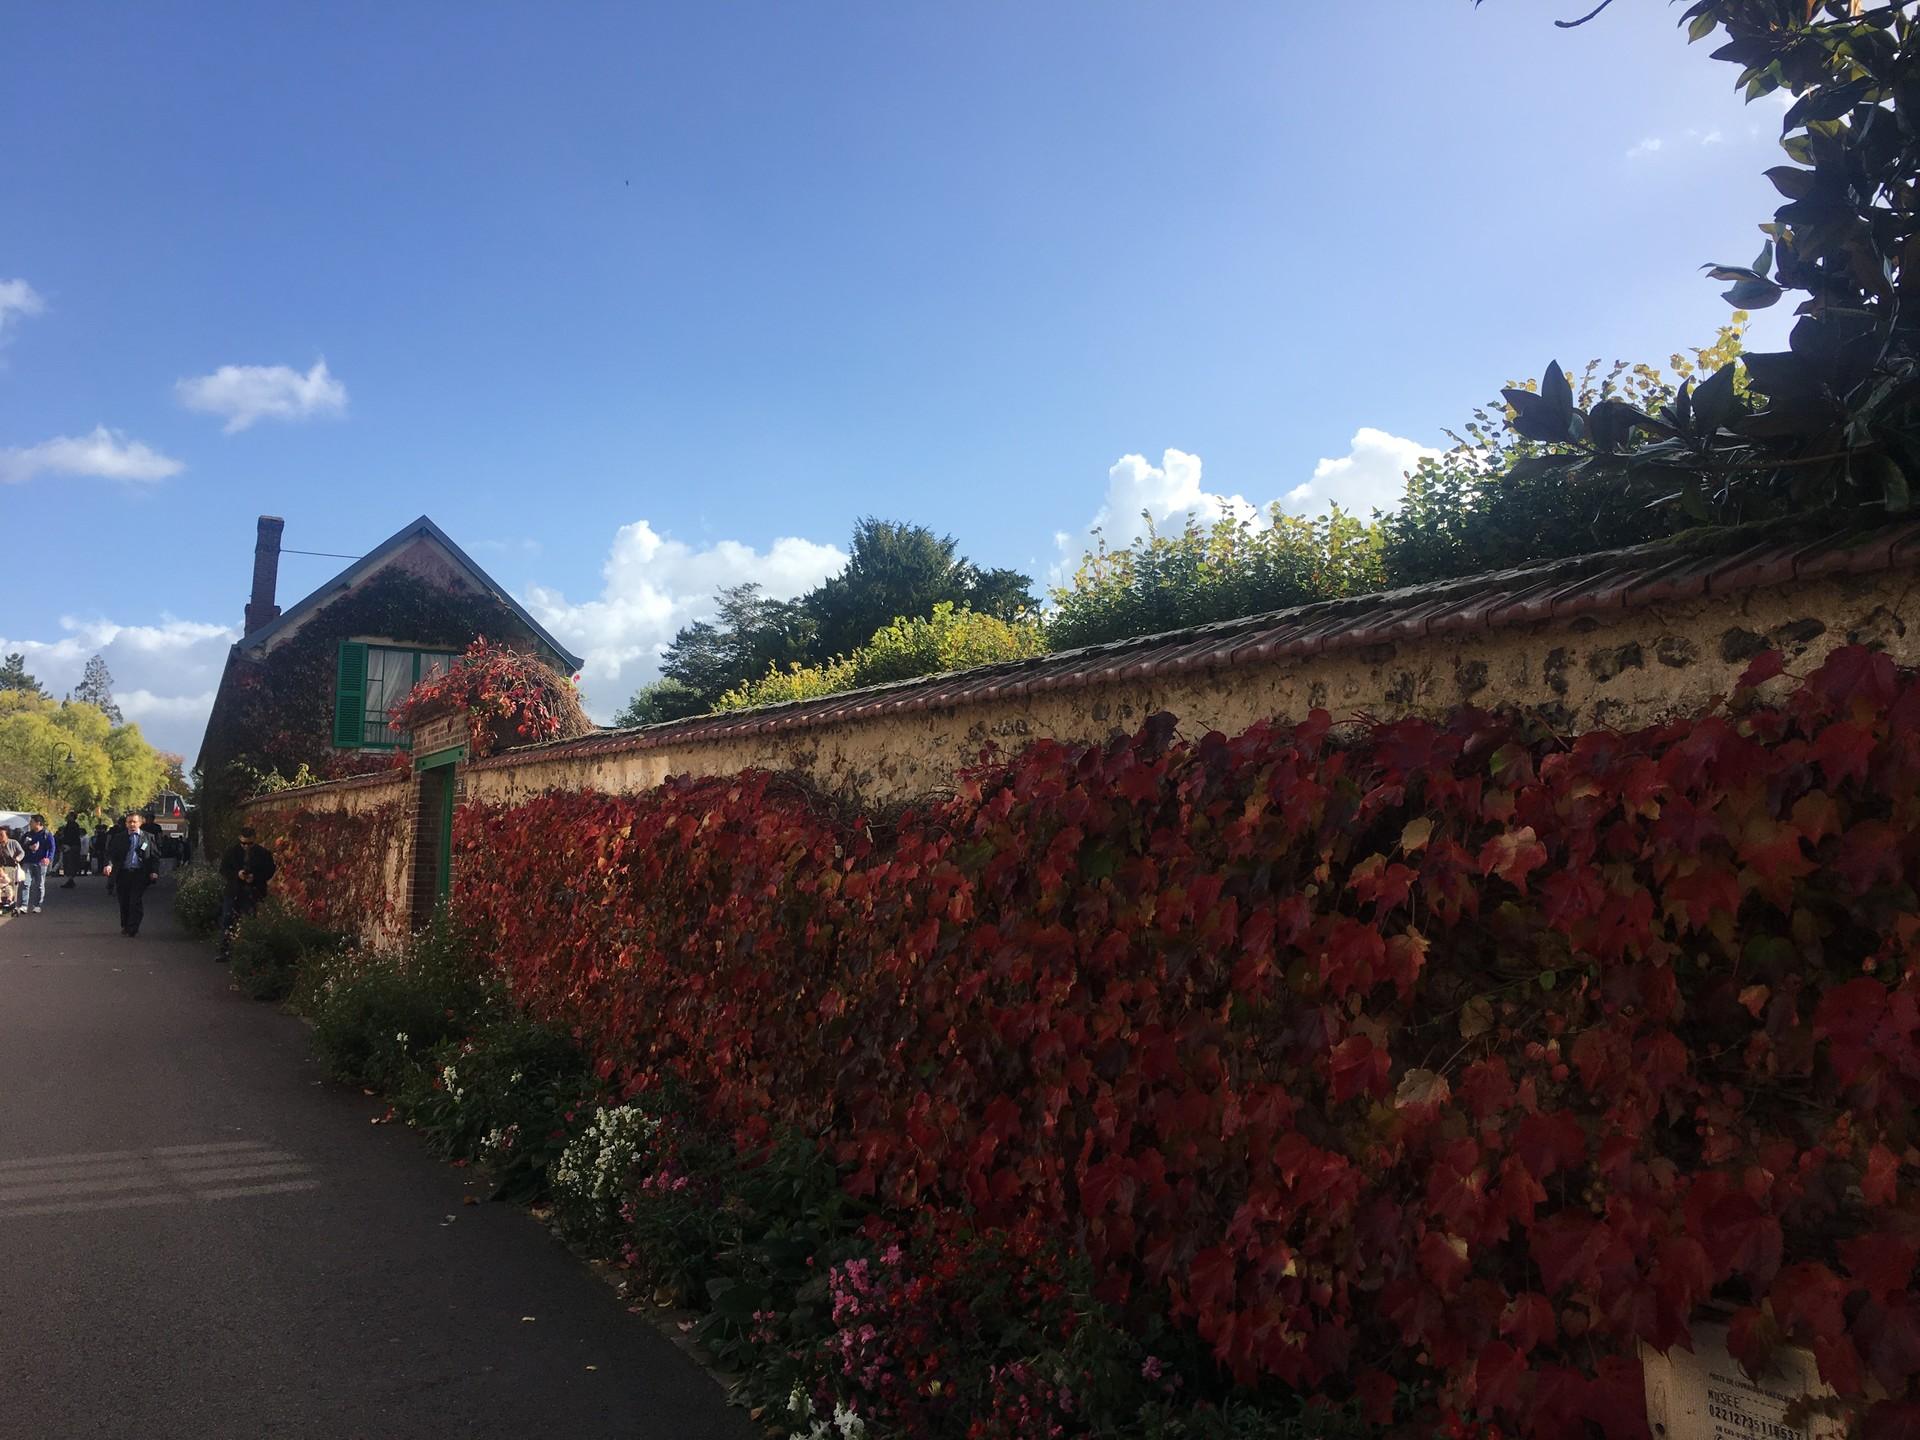 Vous cherchez une fantastique sortie à faire, proche de Paris, le temps d'une journée ?